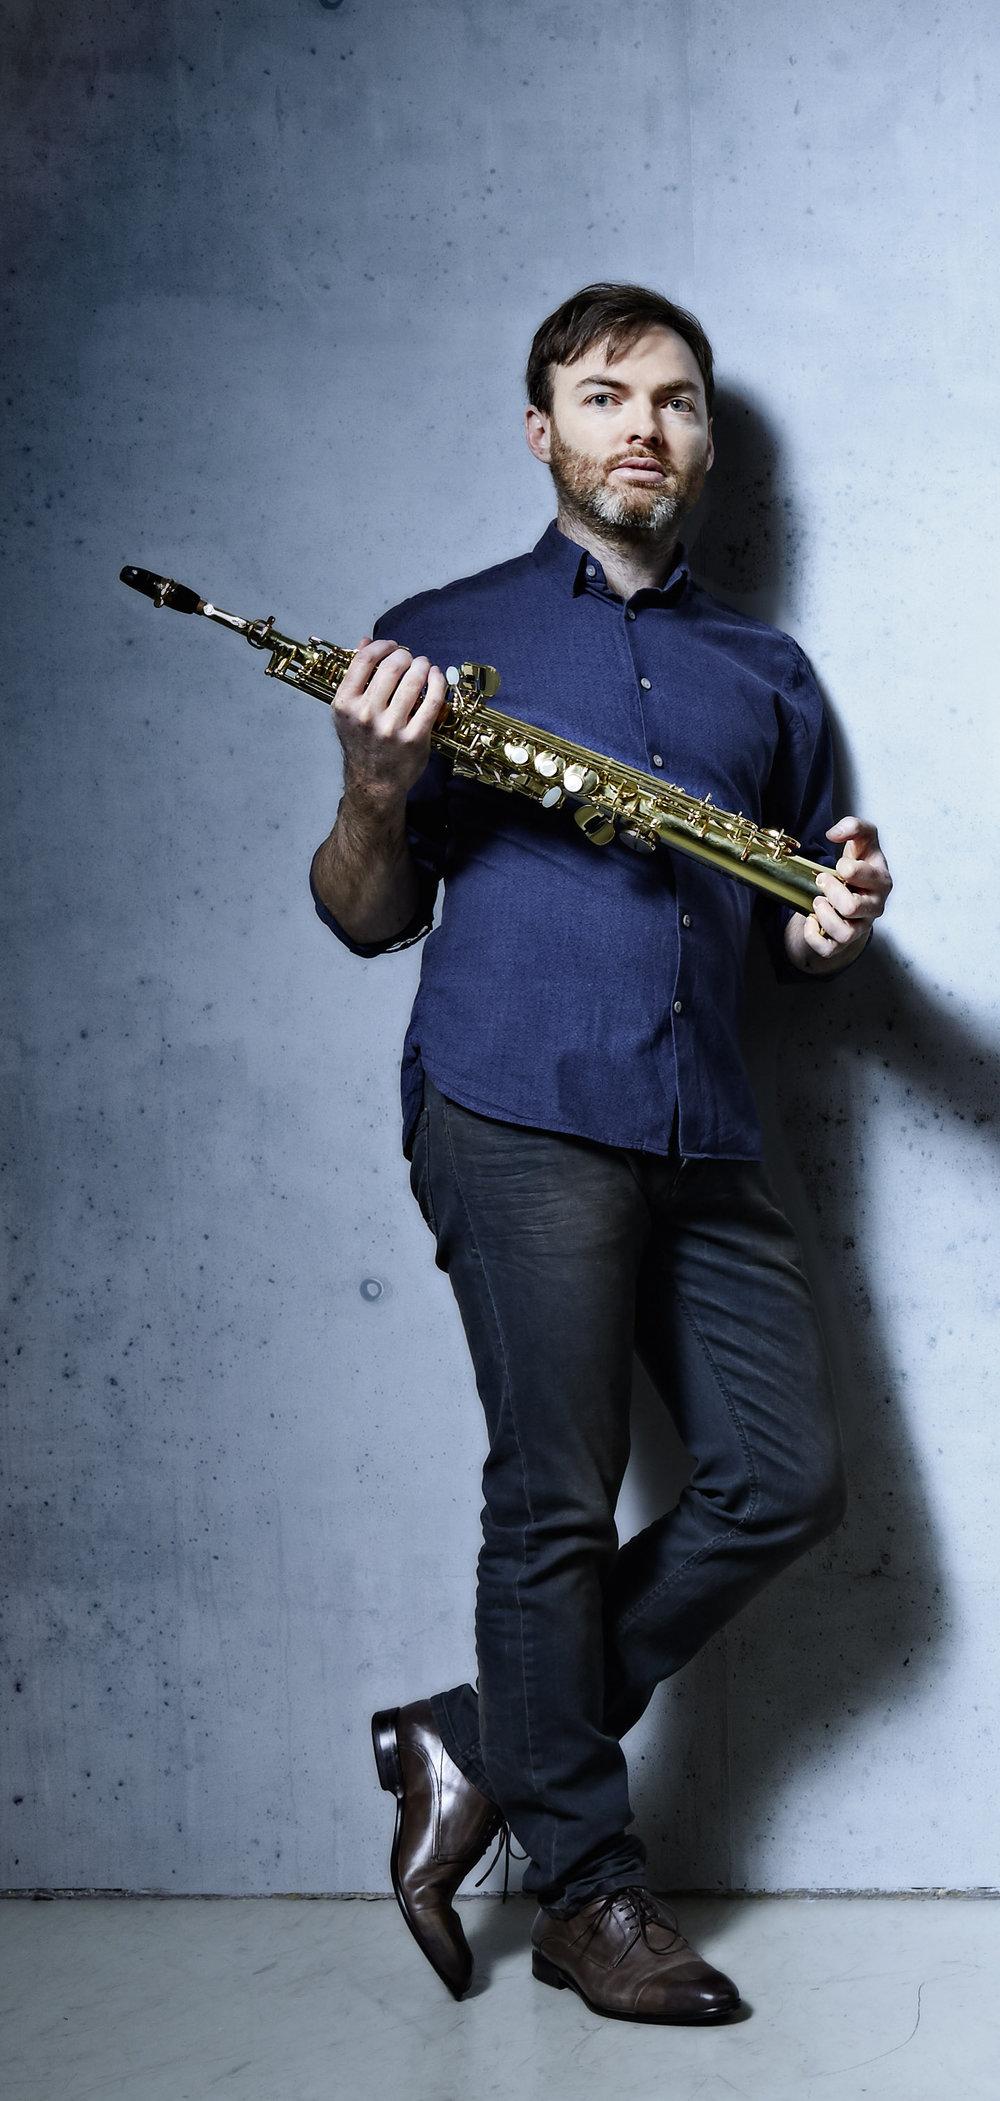 Adrian Tully - Australian saxophonist